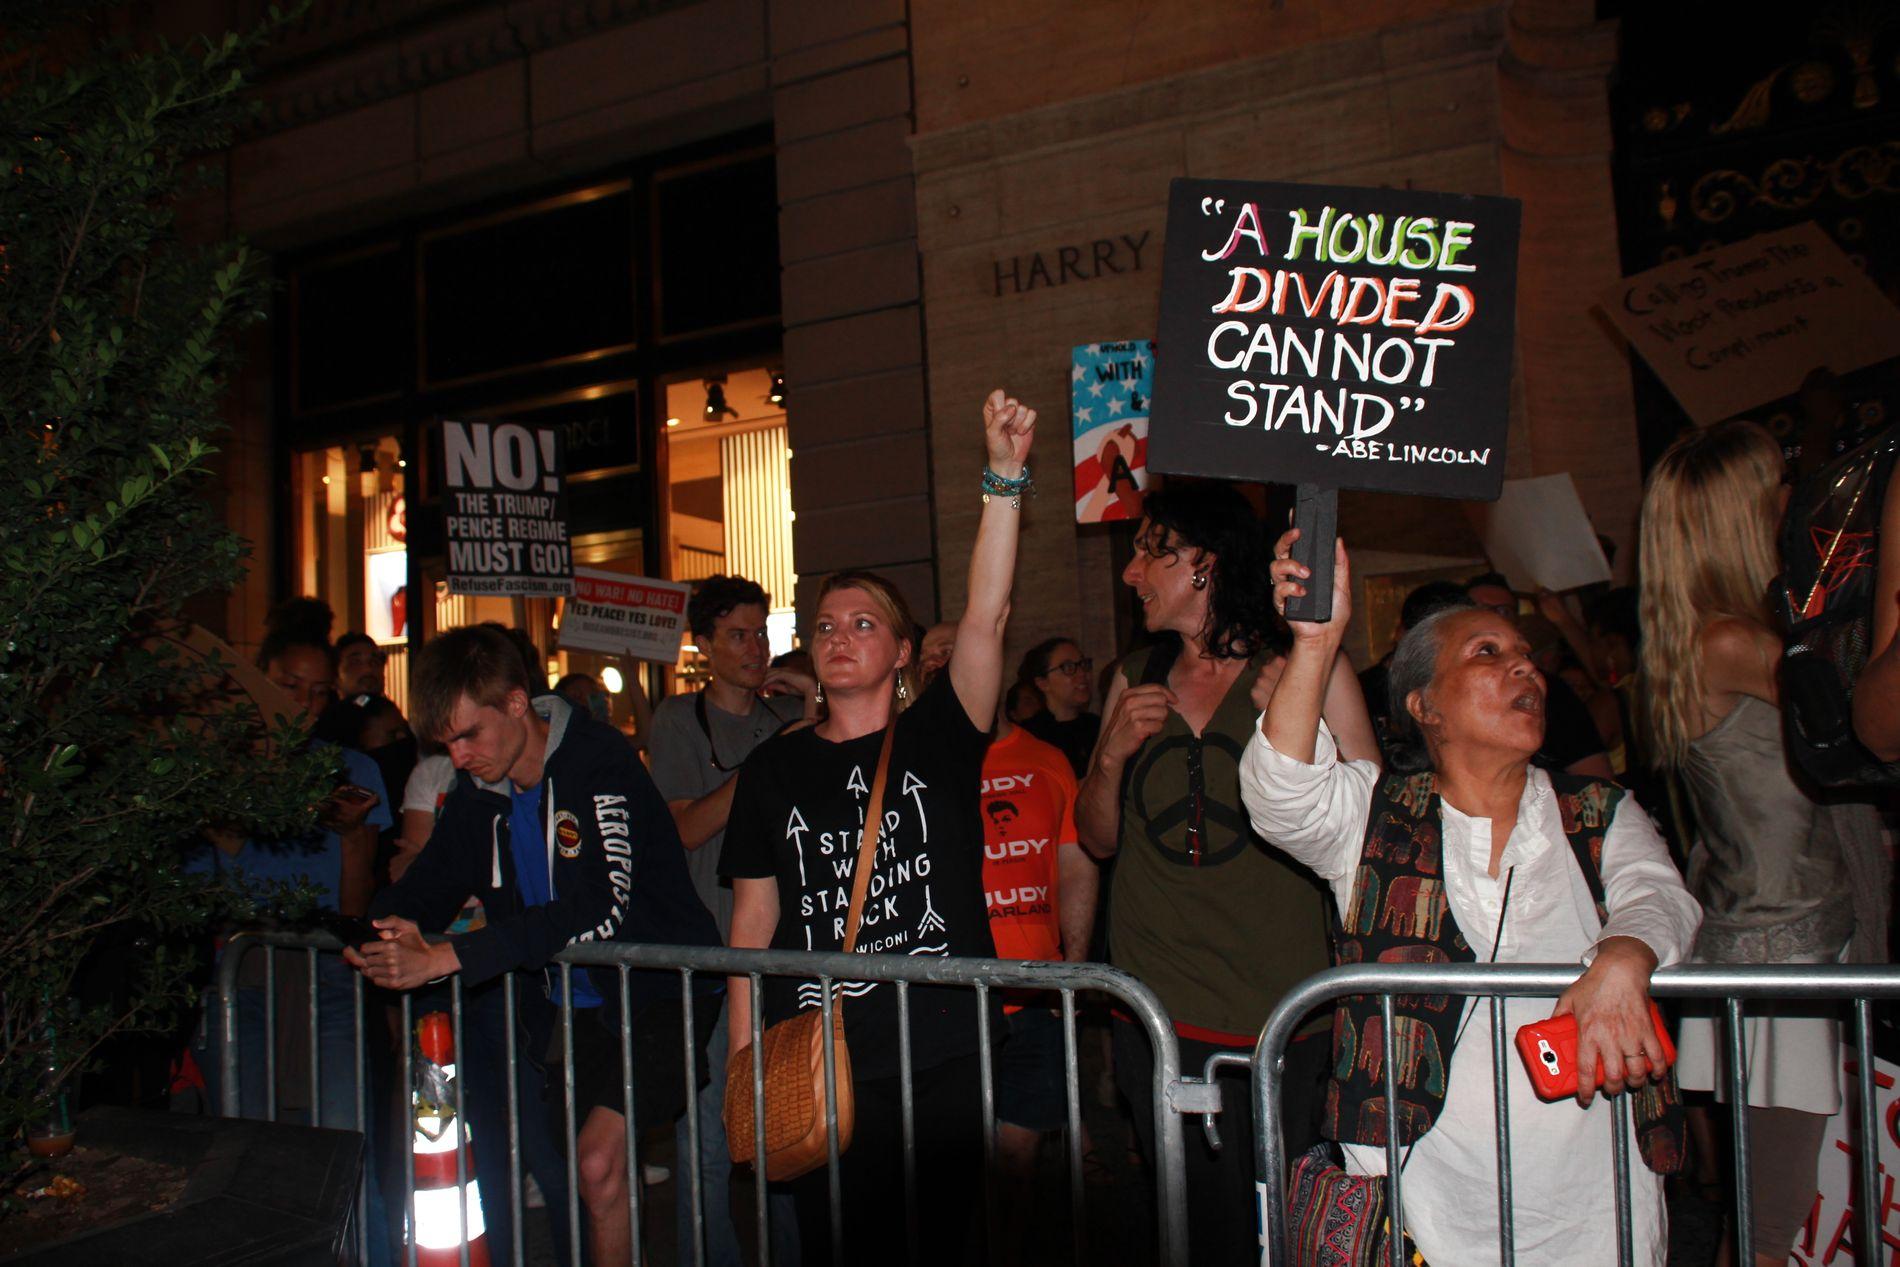 FERIE: Demonstrantene samlet seg utenfor Trump Tower på Manhattan der Donald Trump nå ferierer. Foto: Erlend Skevik